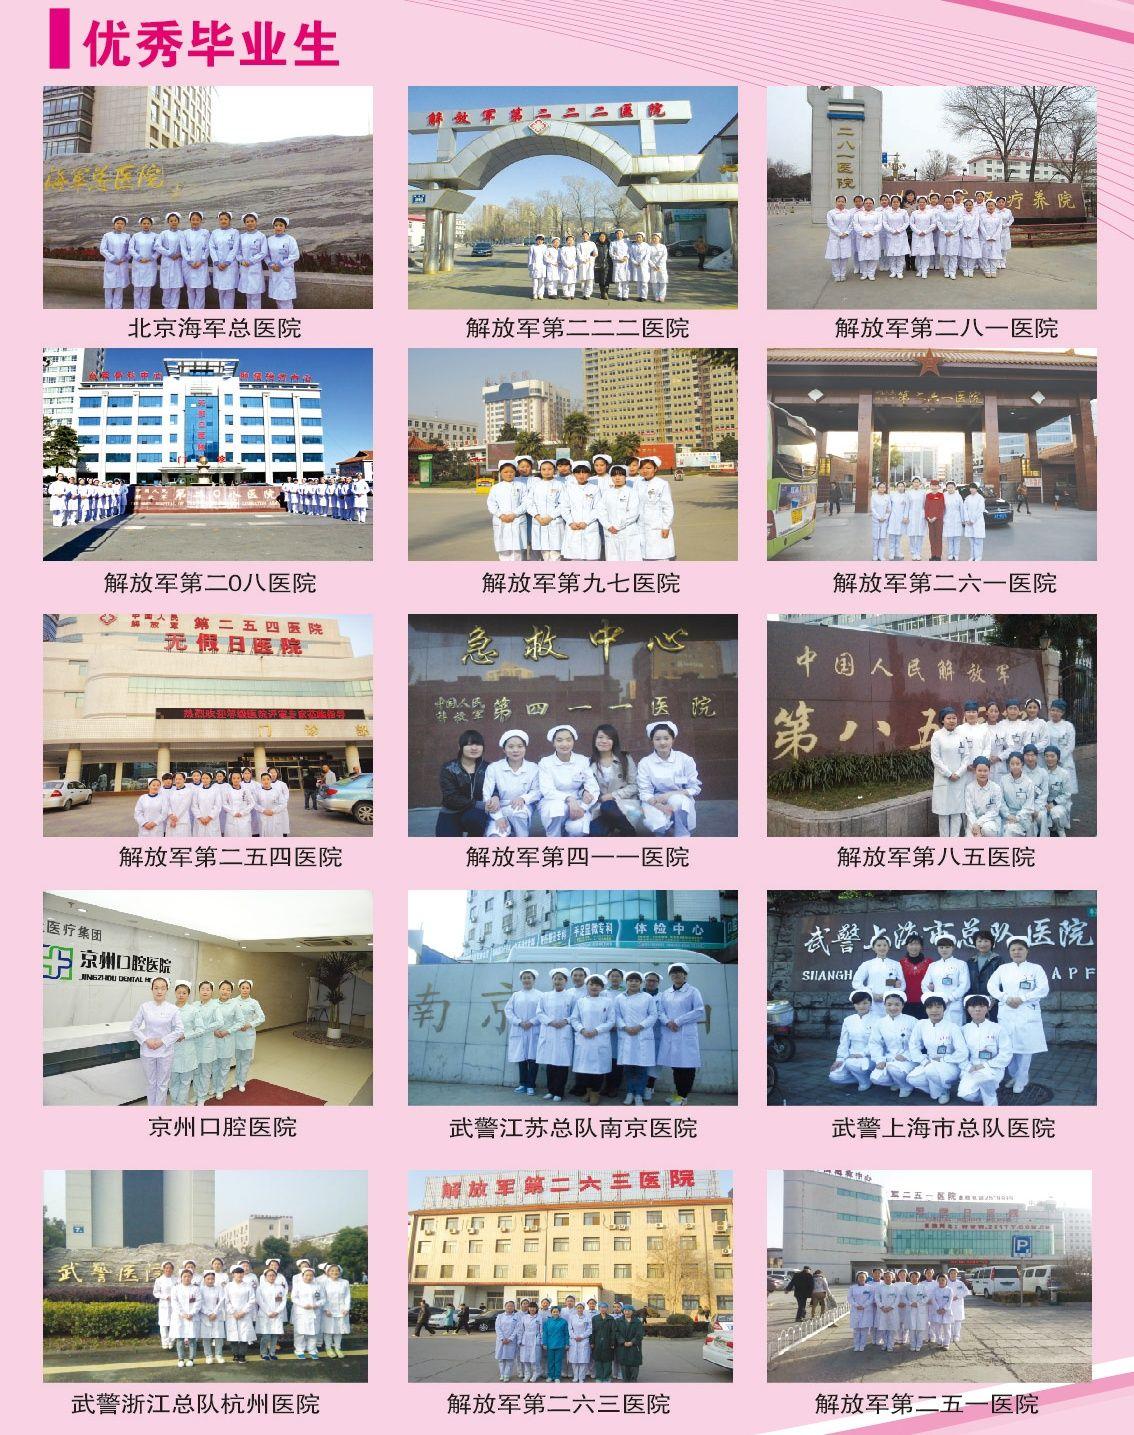 石家庄天使护士学校招生计划一览表。